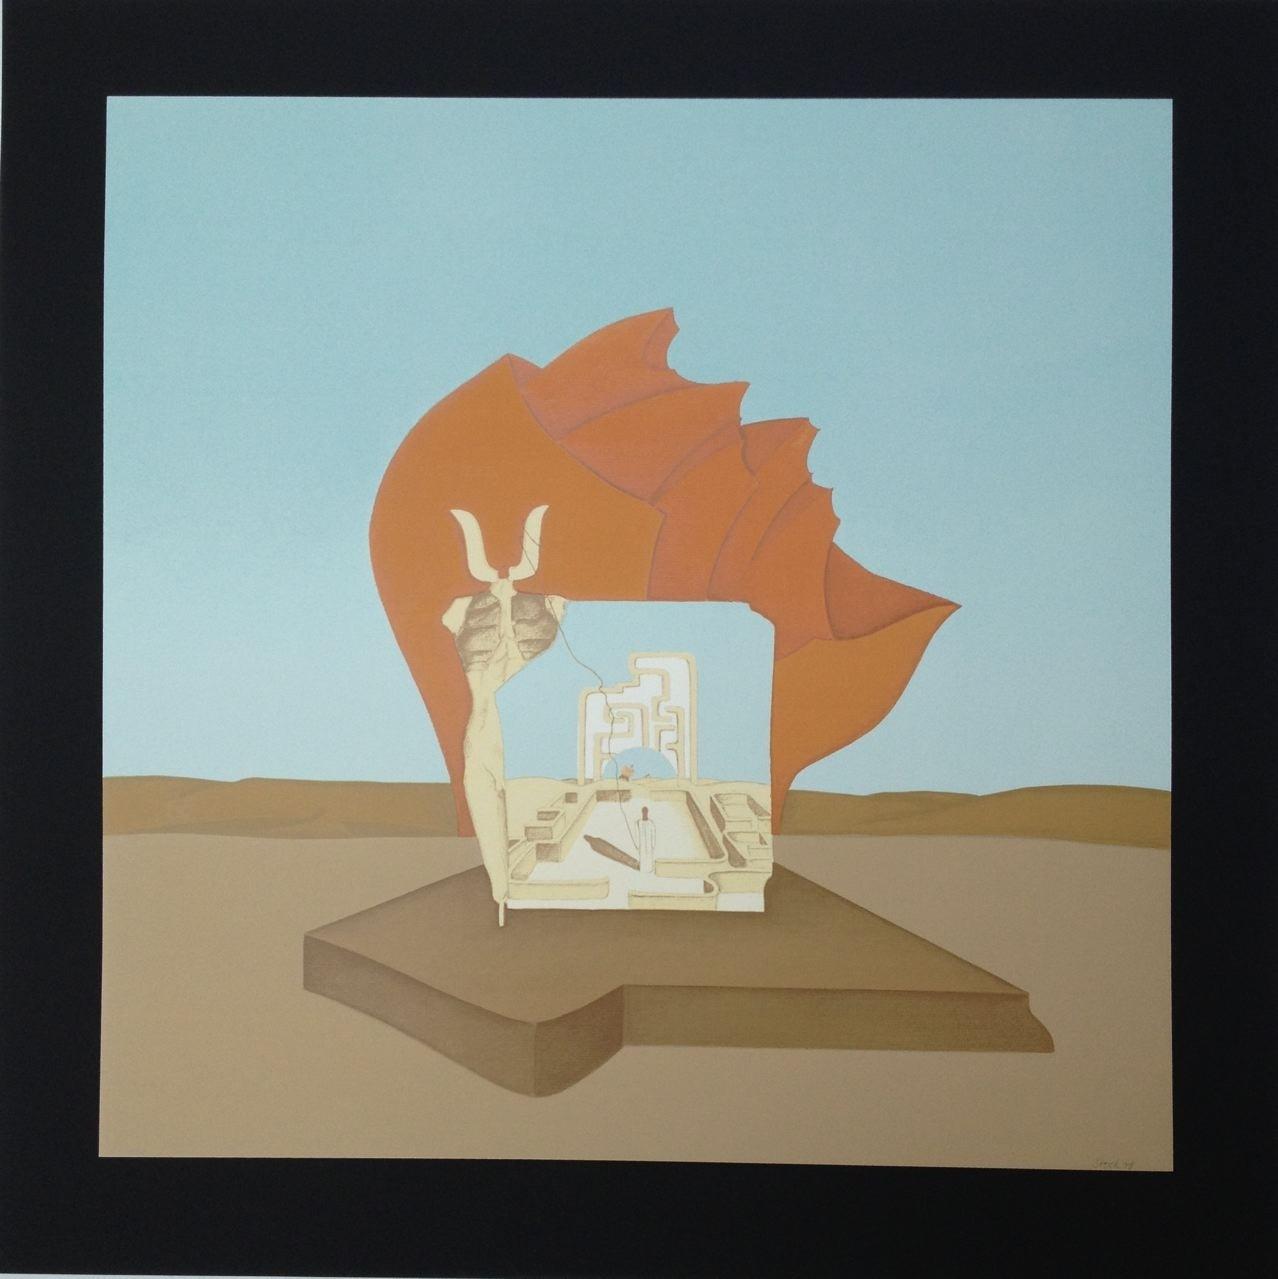 Minotauros gegängelt, Serigraphie, 60 x 60 cm, 1978 (#231)